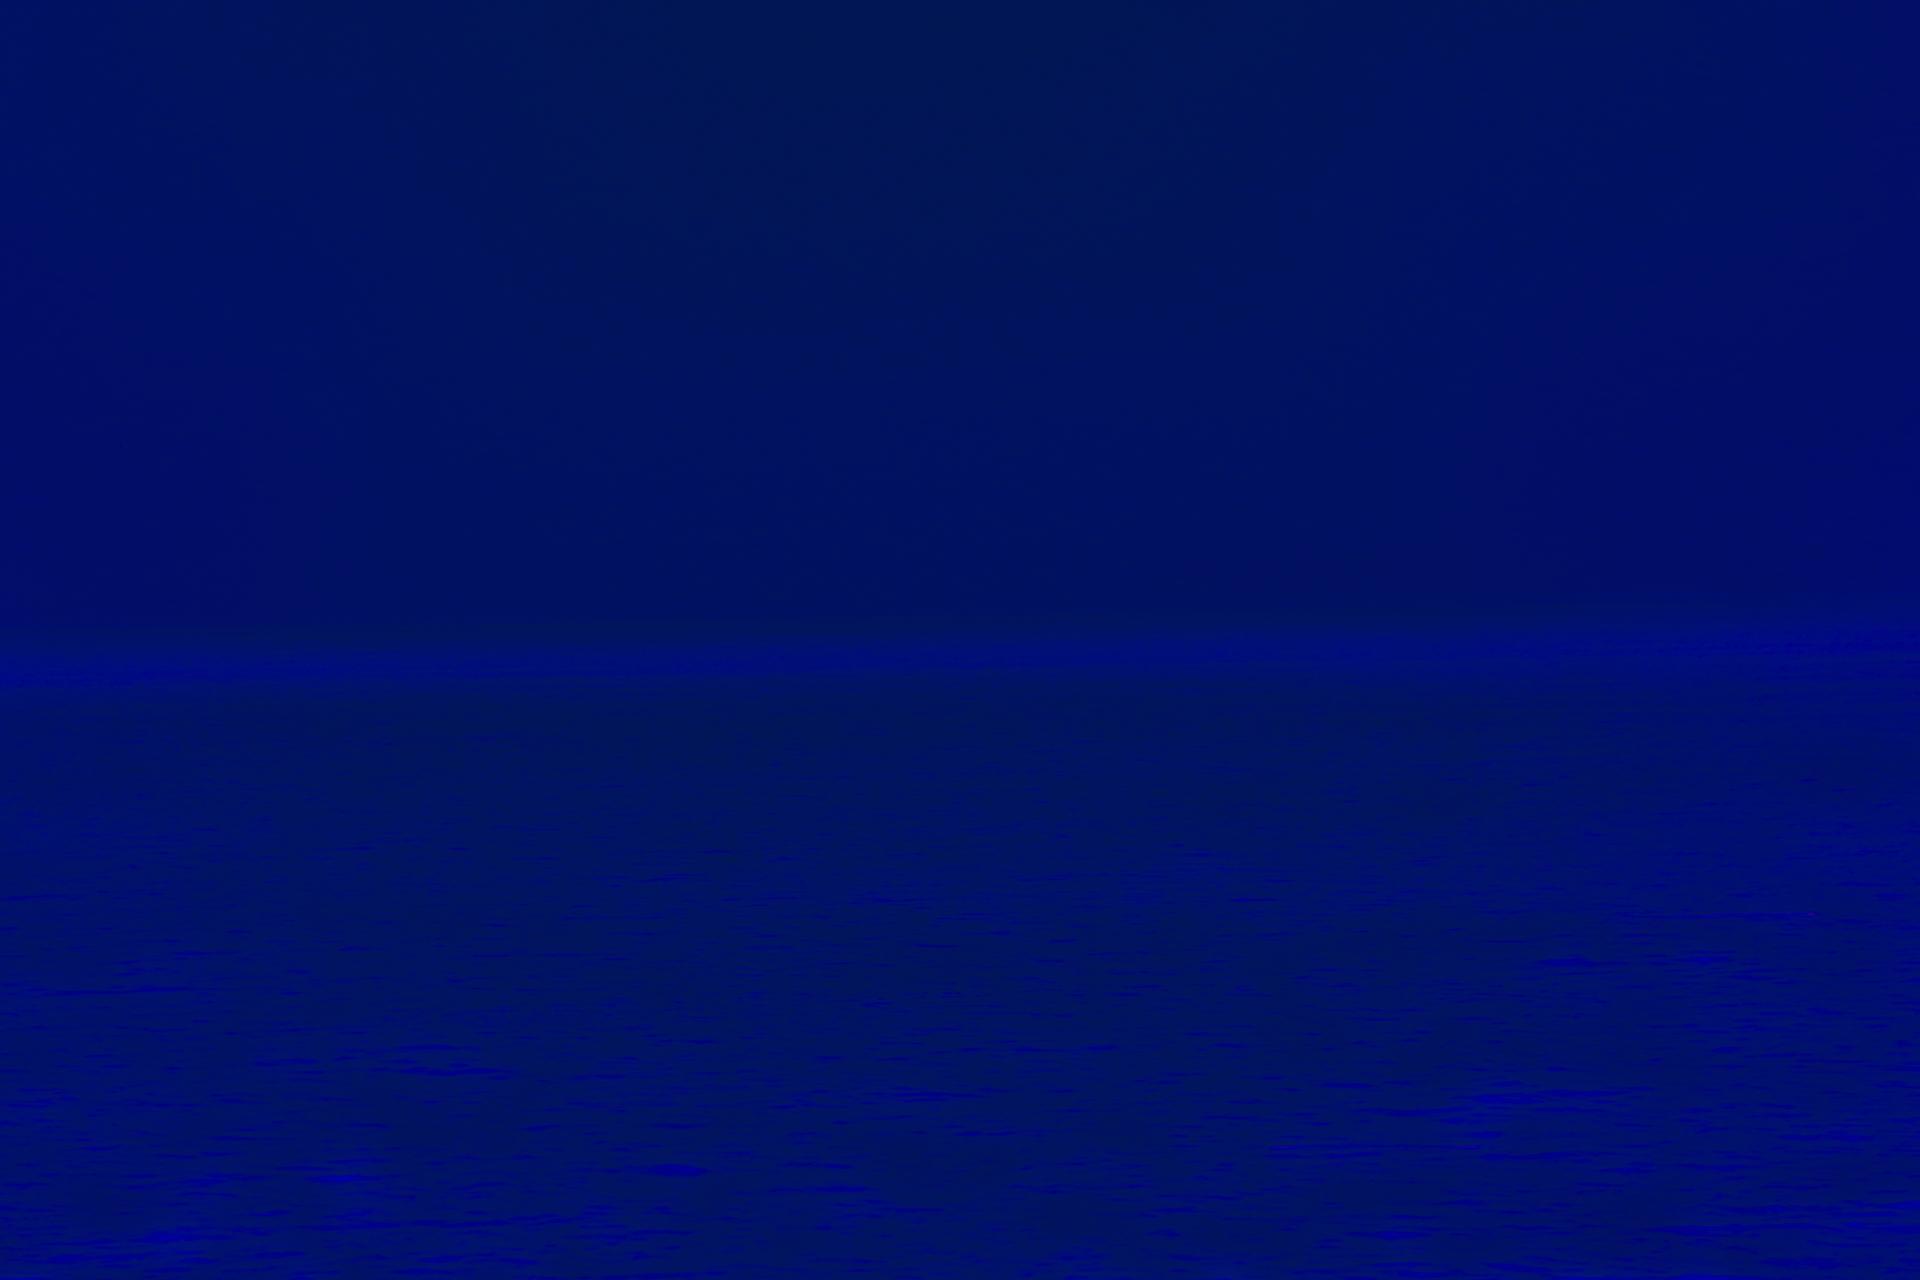 Mittelmeer blau 2020